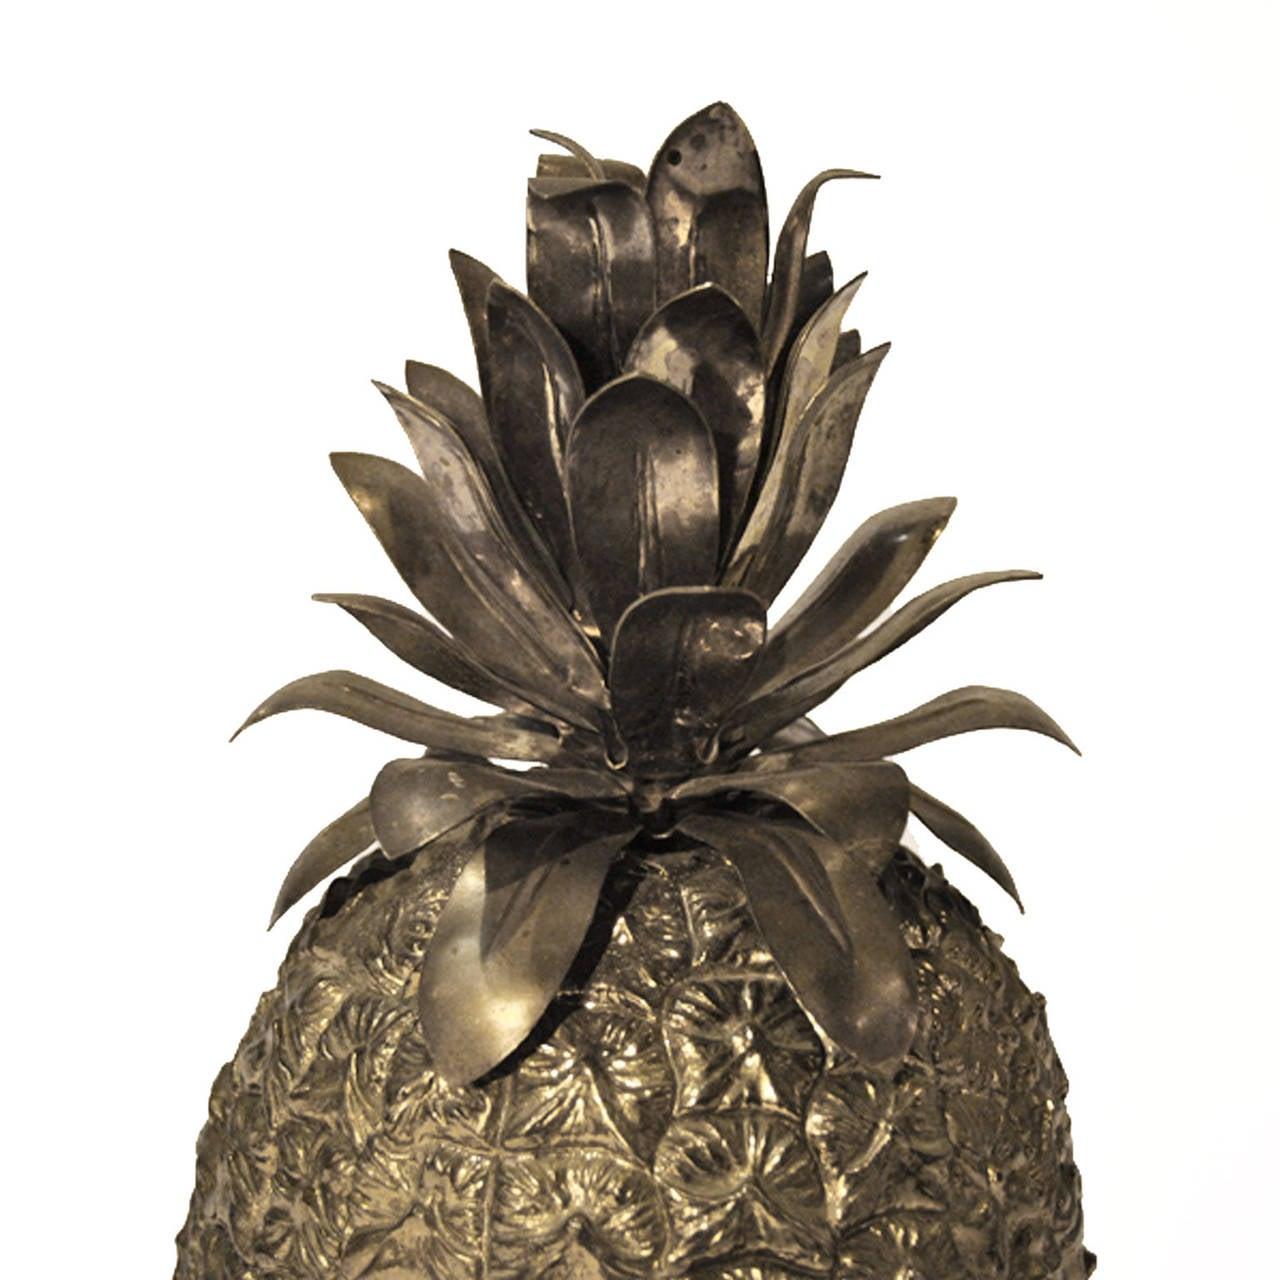 Italian Pineapple Shaker For Sale